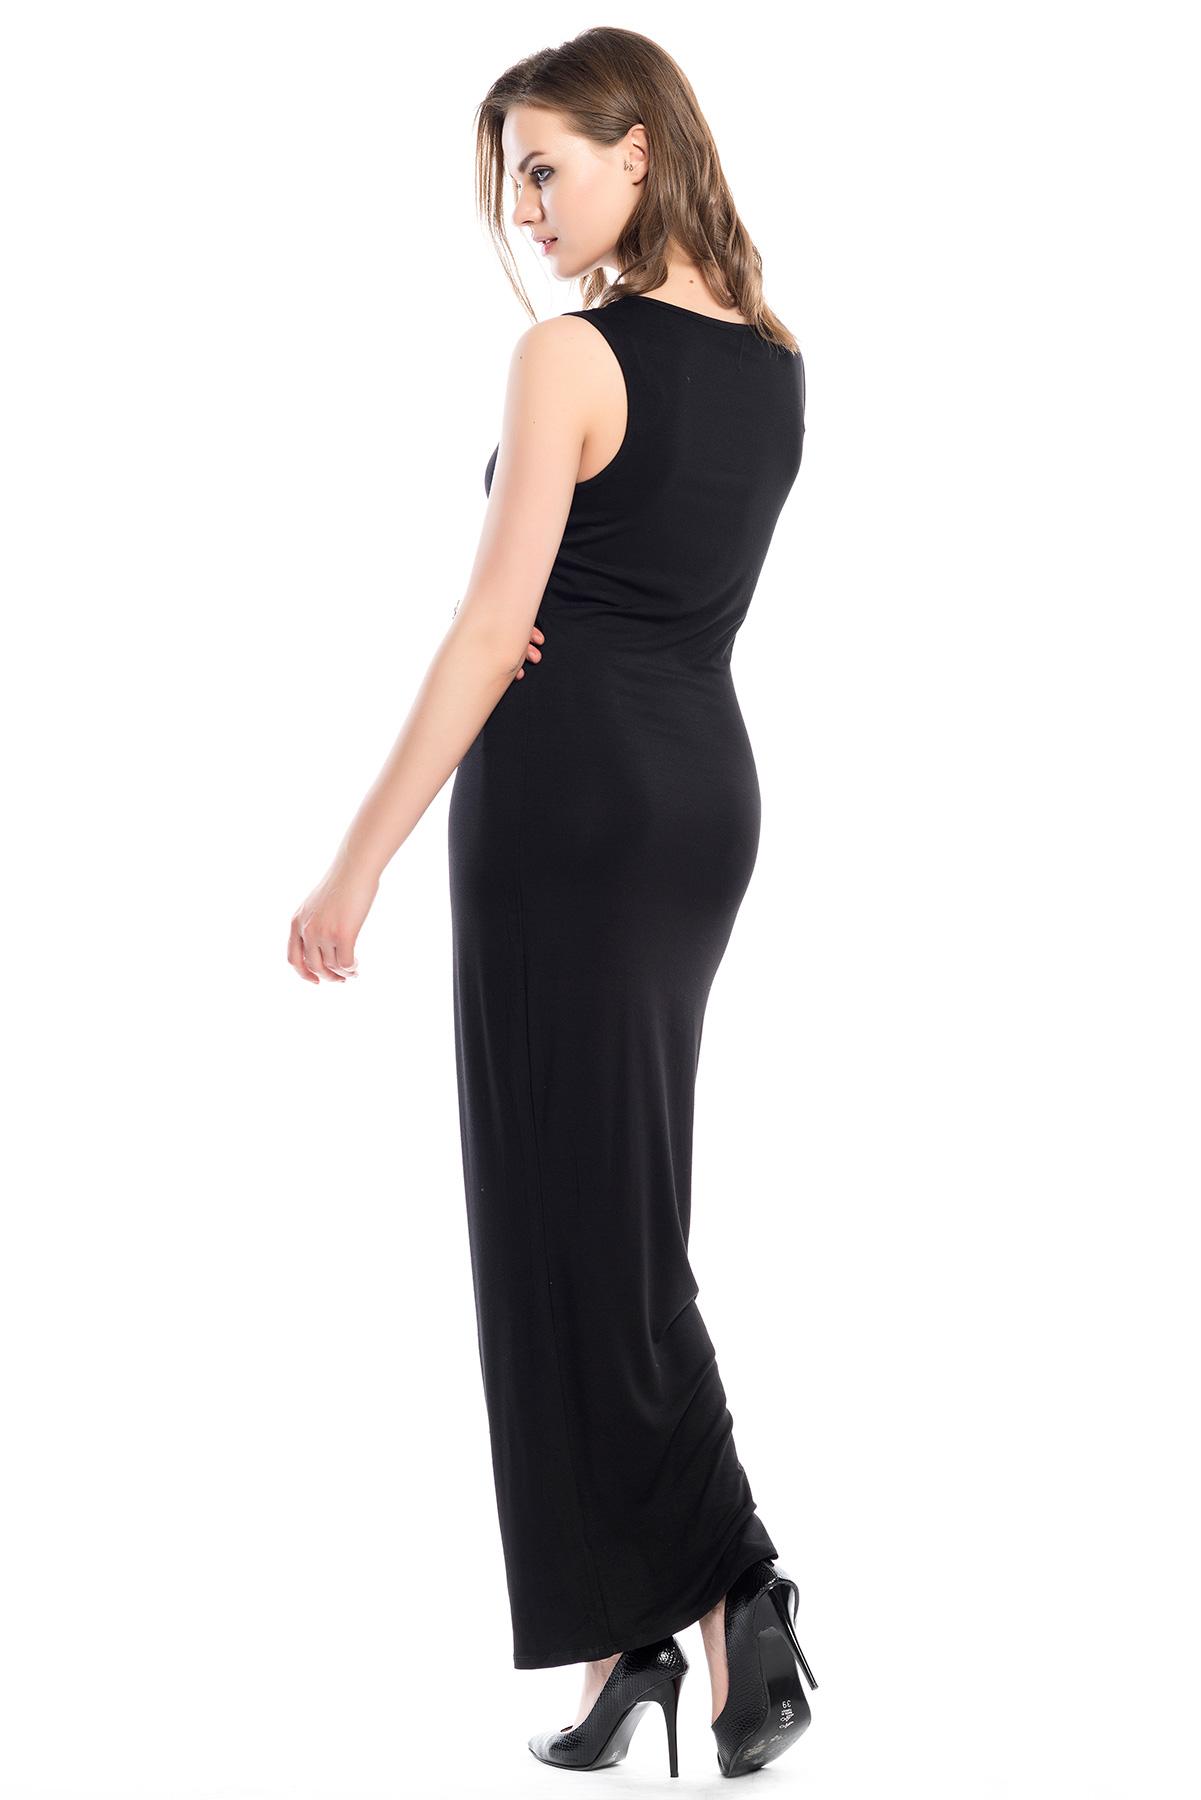 Ironi Noughts Tul Seritli Penye Elbise Elbise Siyah Kisa Elbise Giyim